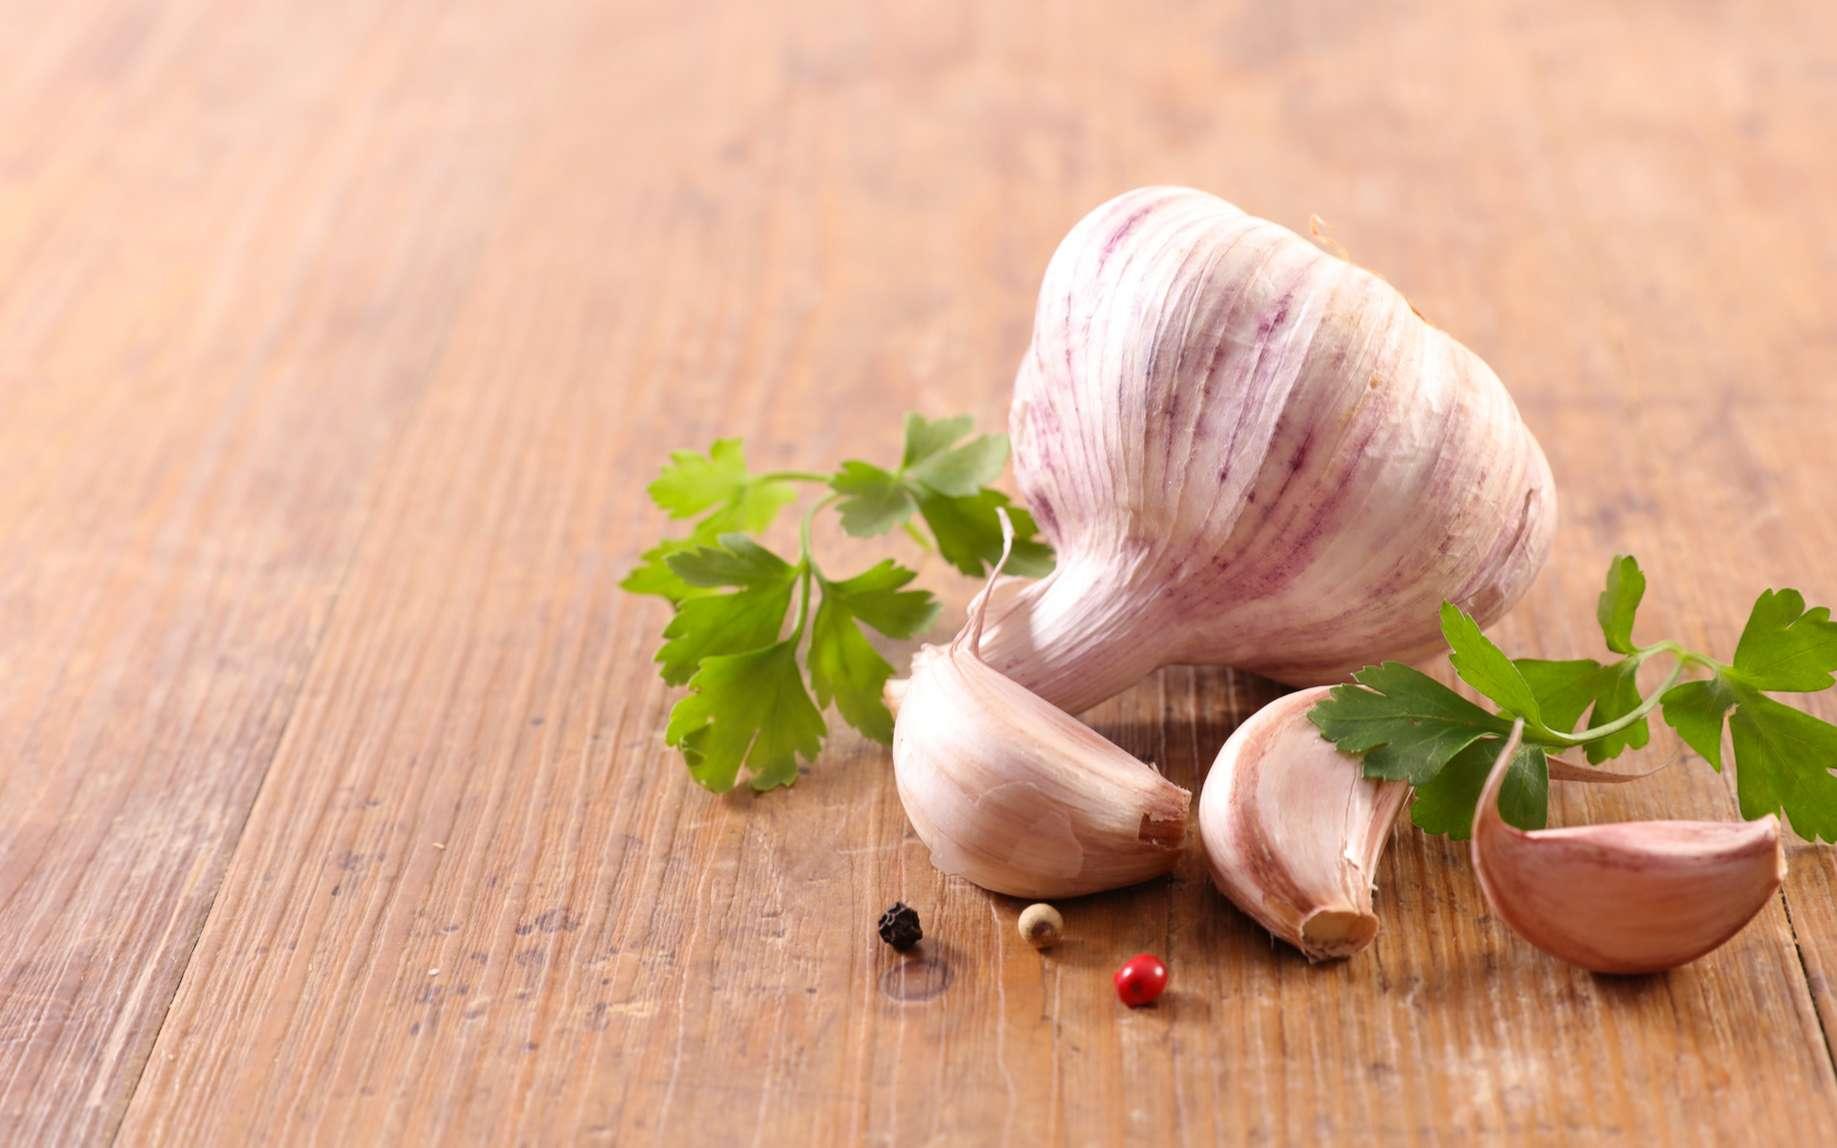 Les variétés d'ail les plus célèbres sont le blanc de la Drôme et du Vaucluse, le violet de Cadours et le rose de Lautrec. © Wikimedia Commons